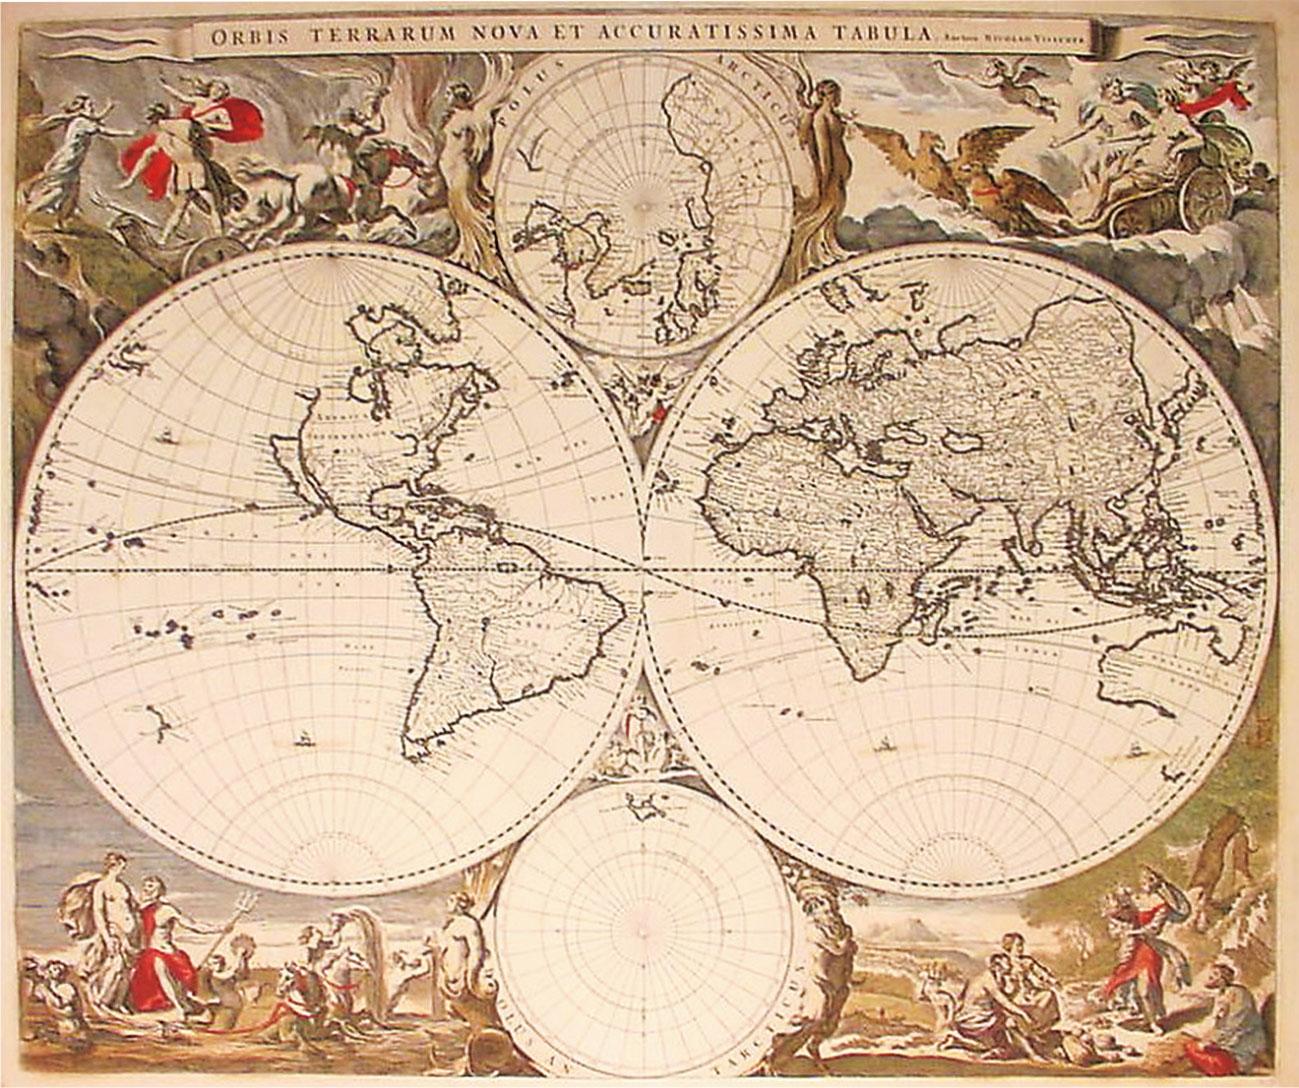 بالصور اهم الاكتشافات الجغرافية في العصر الحديث 20160629 2545